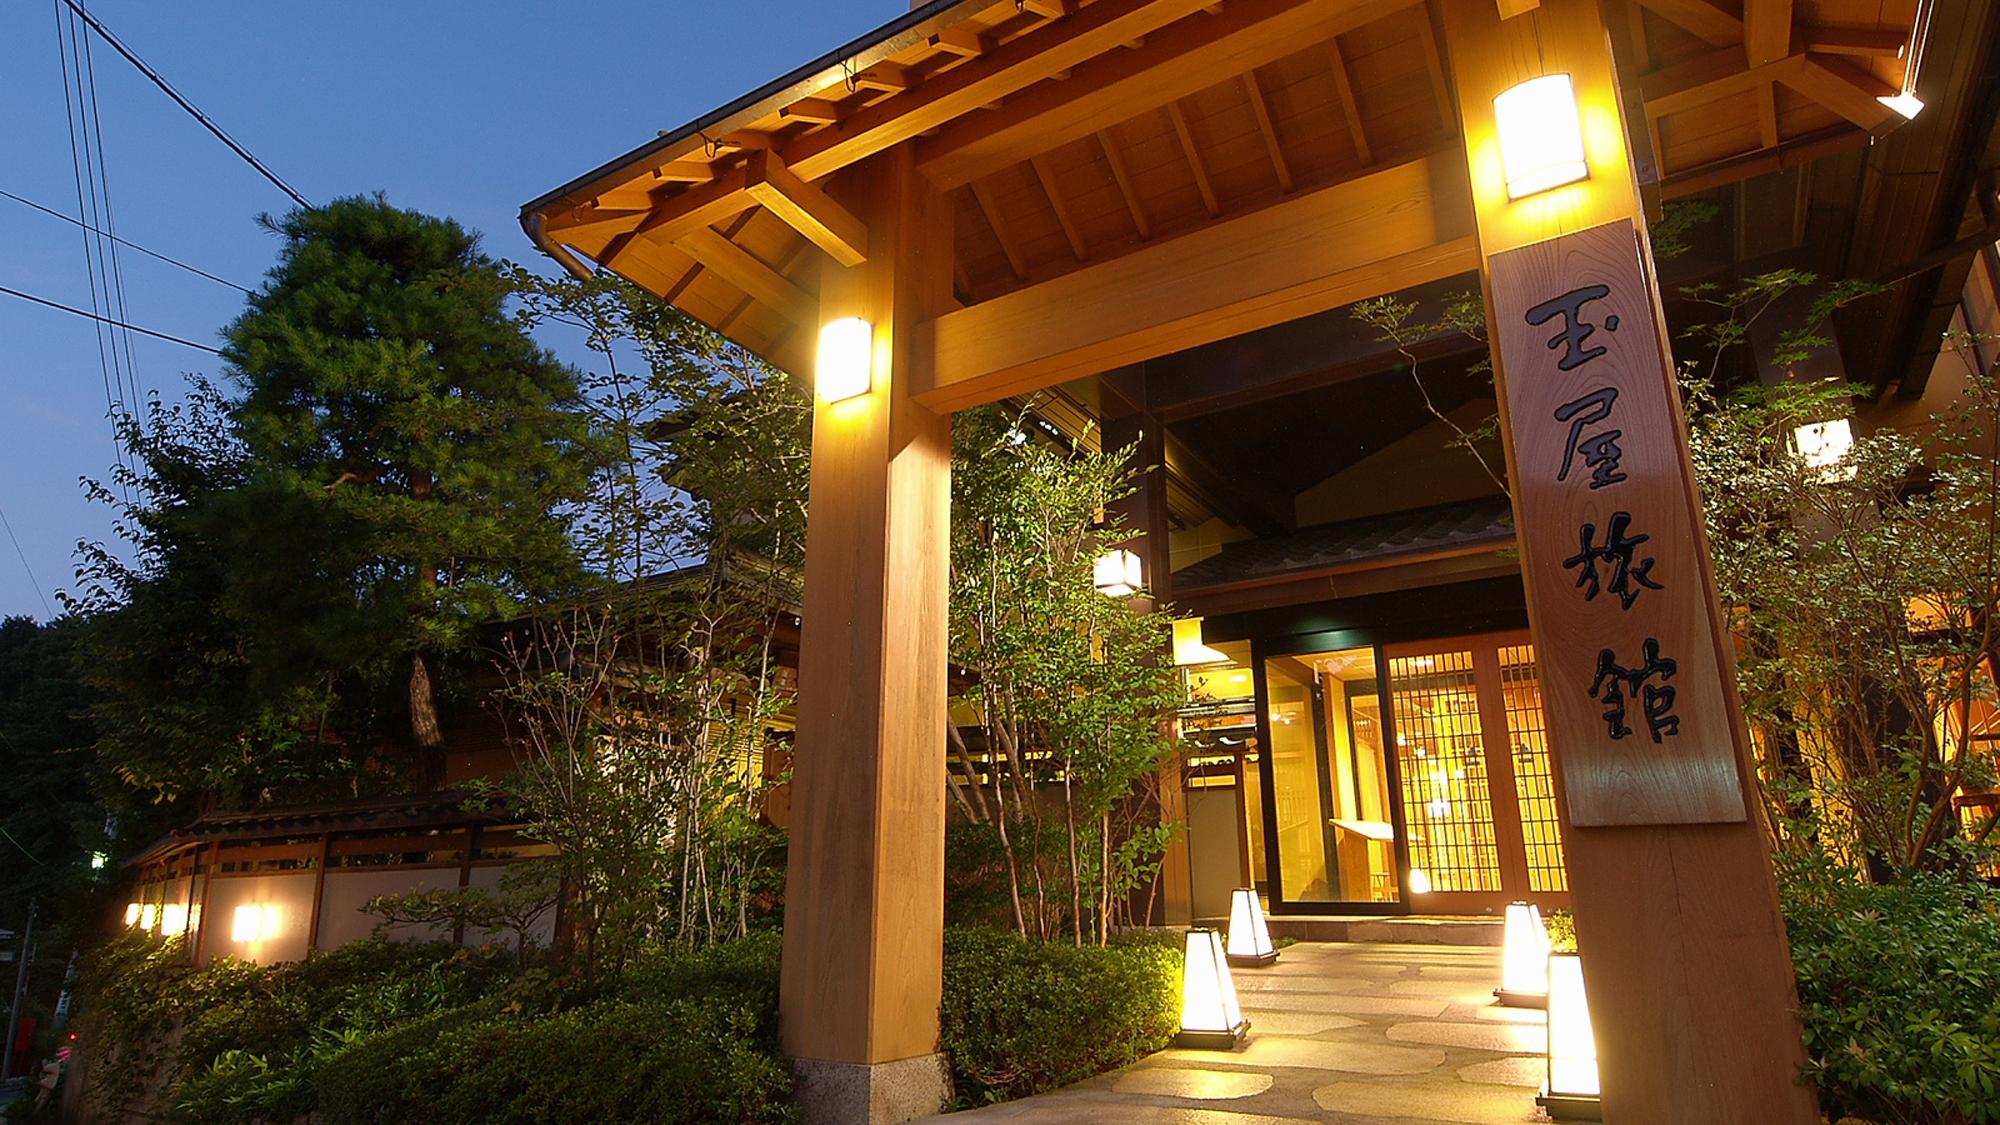 大学生のサークル仲間と行く別所温泉の宿で広々とした和室がある宿を教えて下さい。